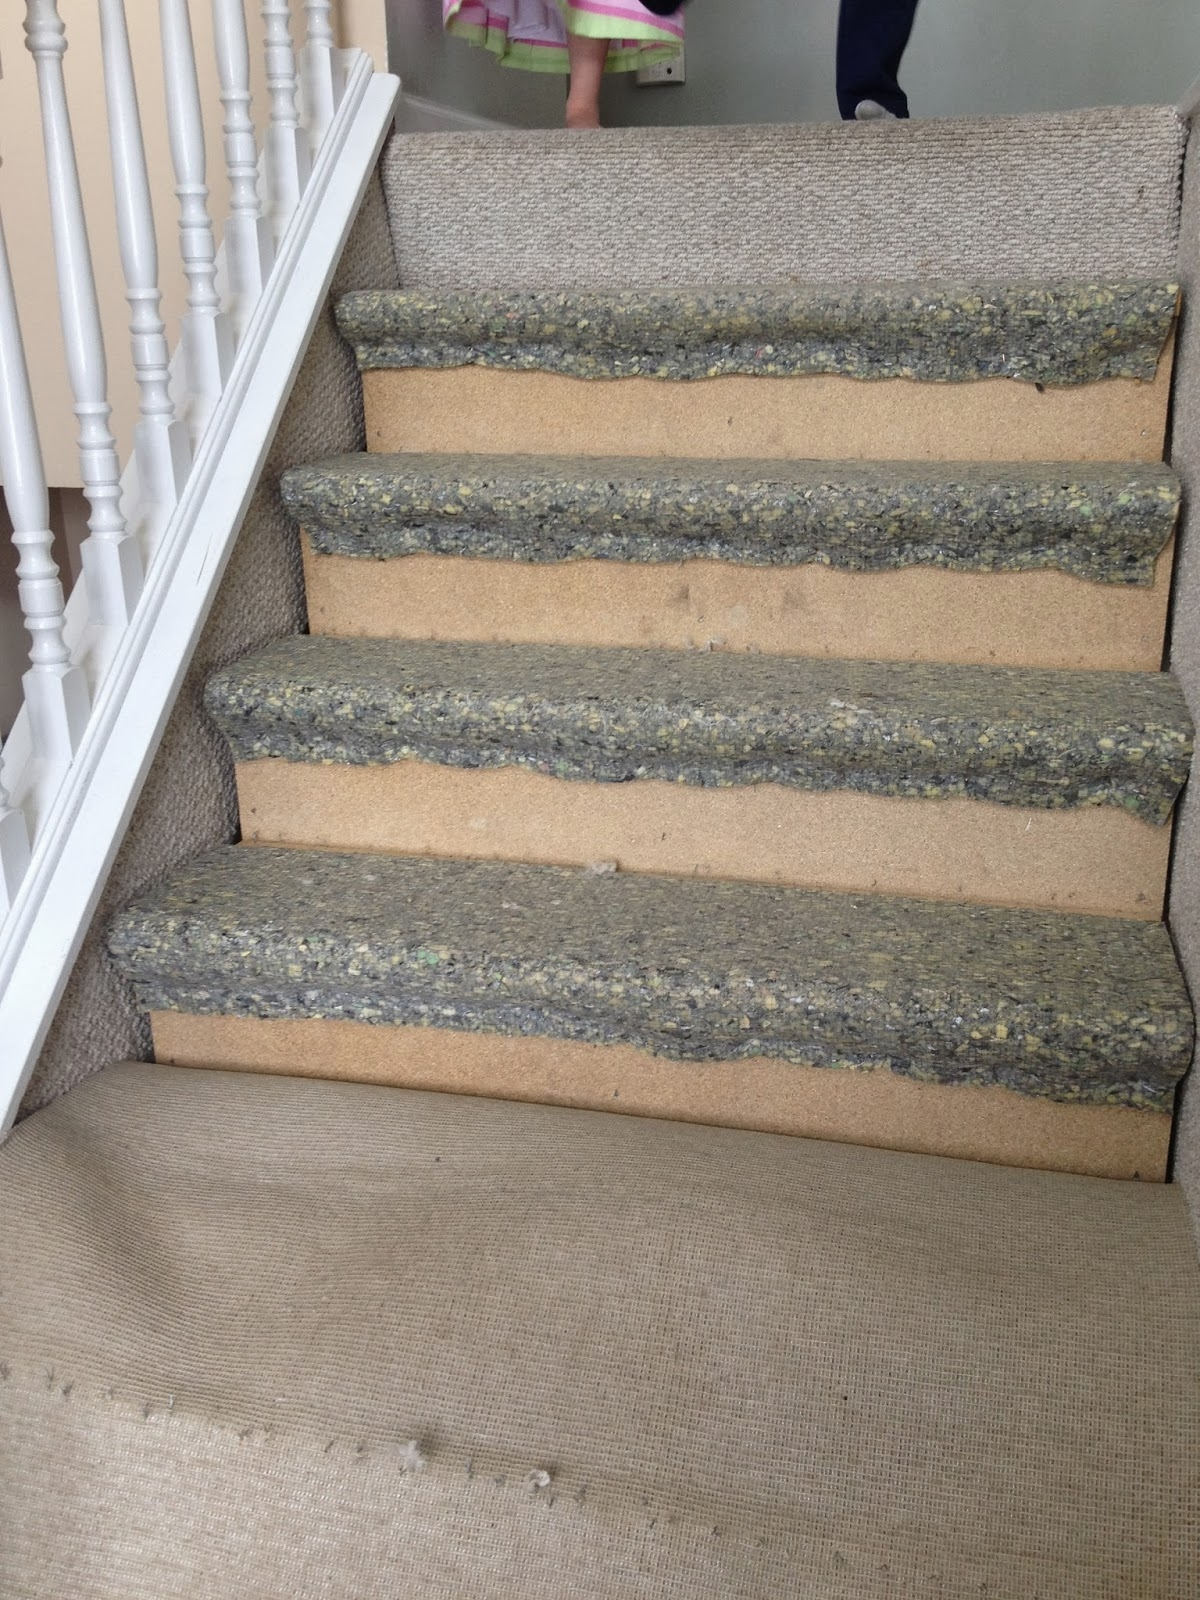 Remodelaholic 60 Carpet To Hardwood Stair Remodel Regarding Diy Stair Tread Rugs (View 15 of 15)